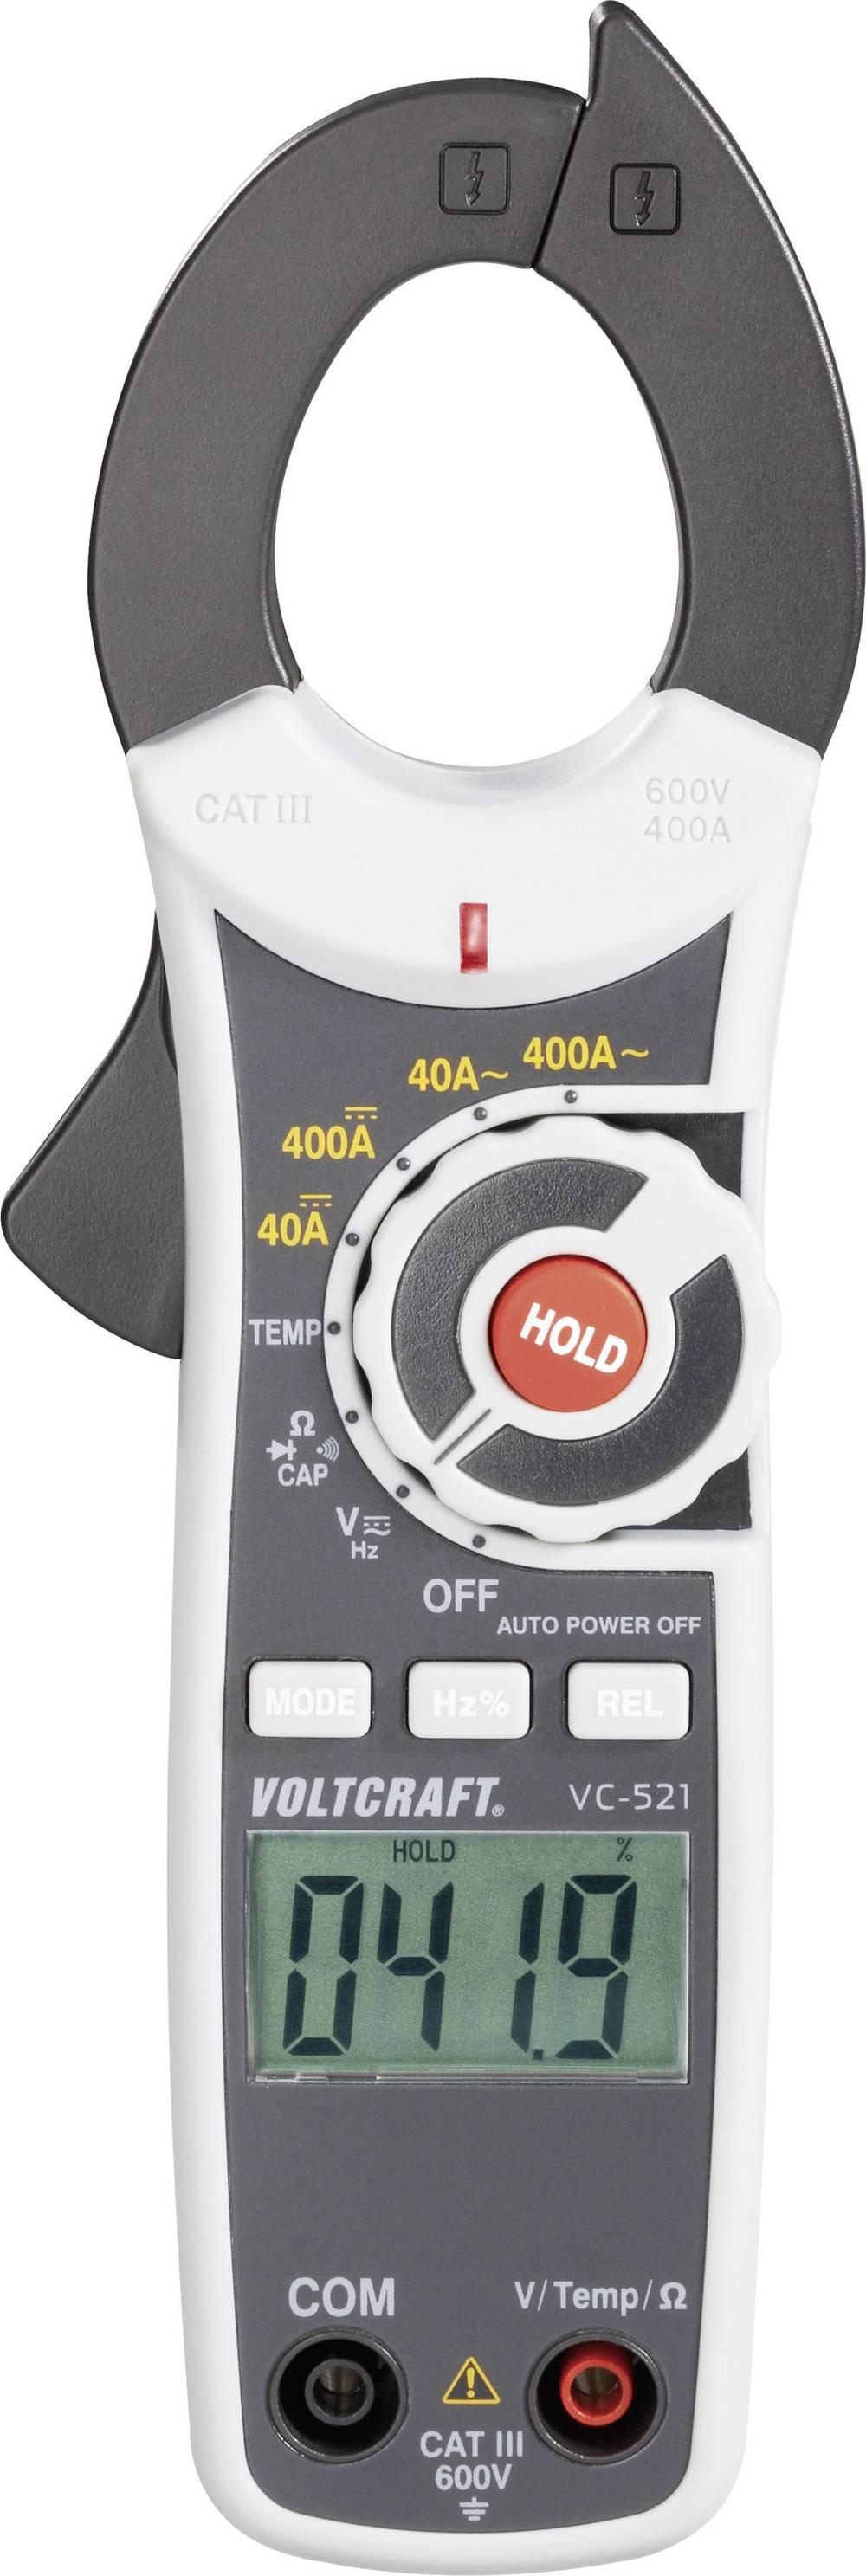 Tokovne klešče, ročni multimeter, digitalni VOLTCRAFT VC-521 kalibracija narejena po: delovnih standardih, CAT III 600 V število